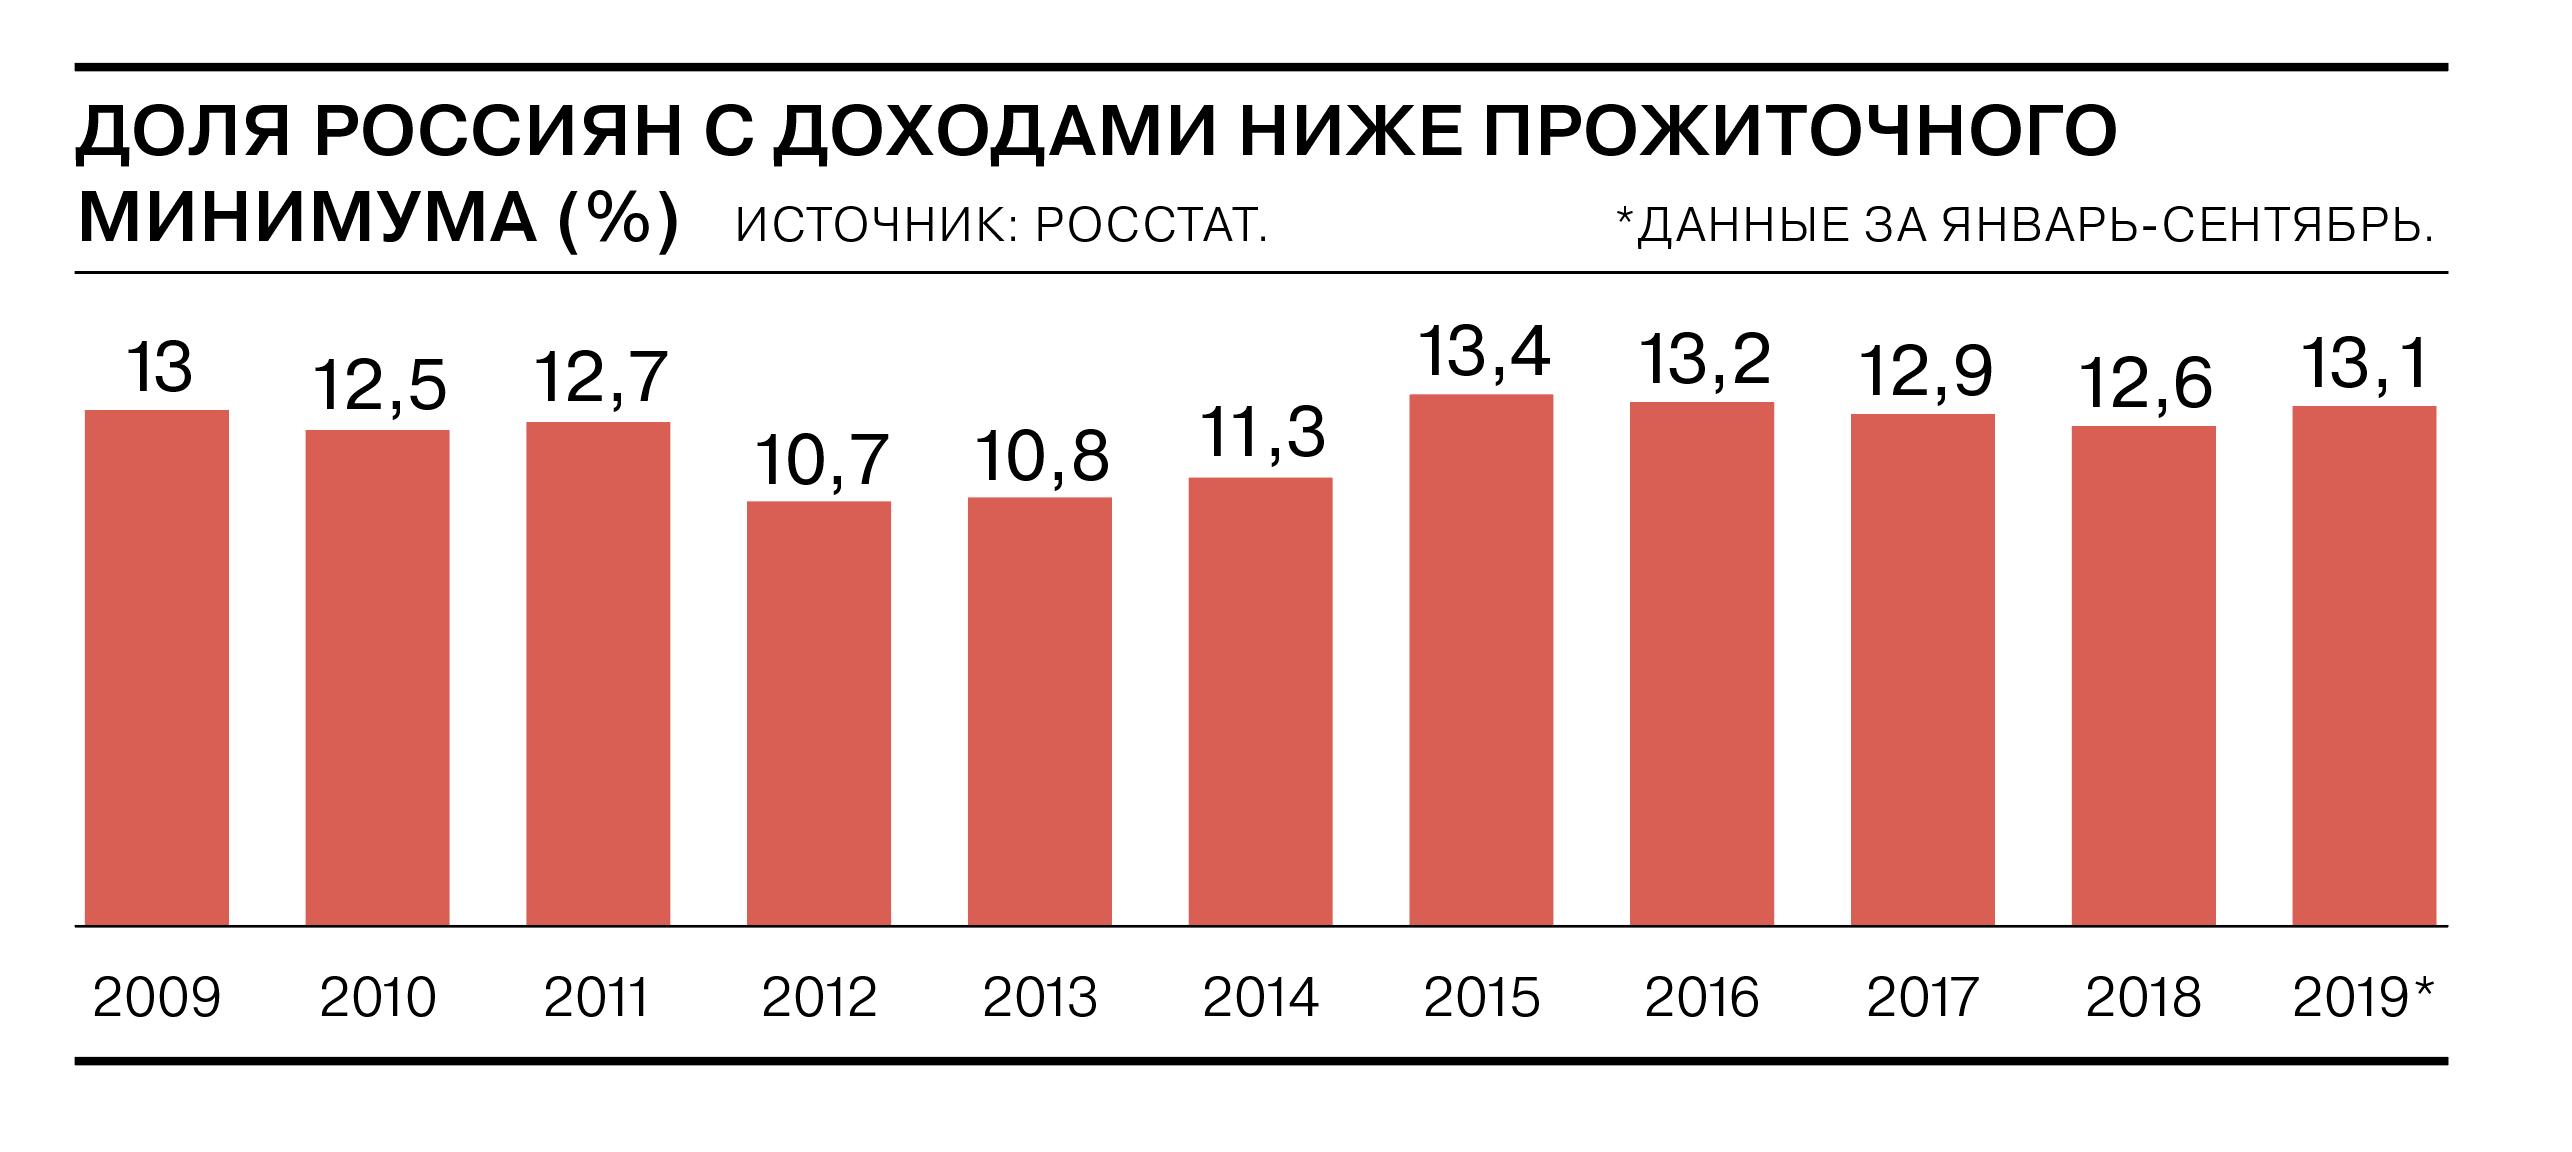 Доля россиян с доходами ниже прожиточного минимума — наглядный пример провала проводимой социальной политики в России.